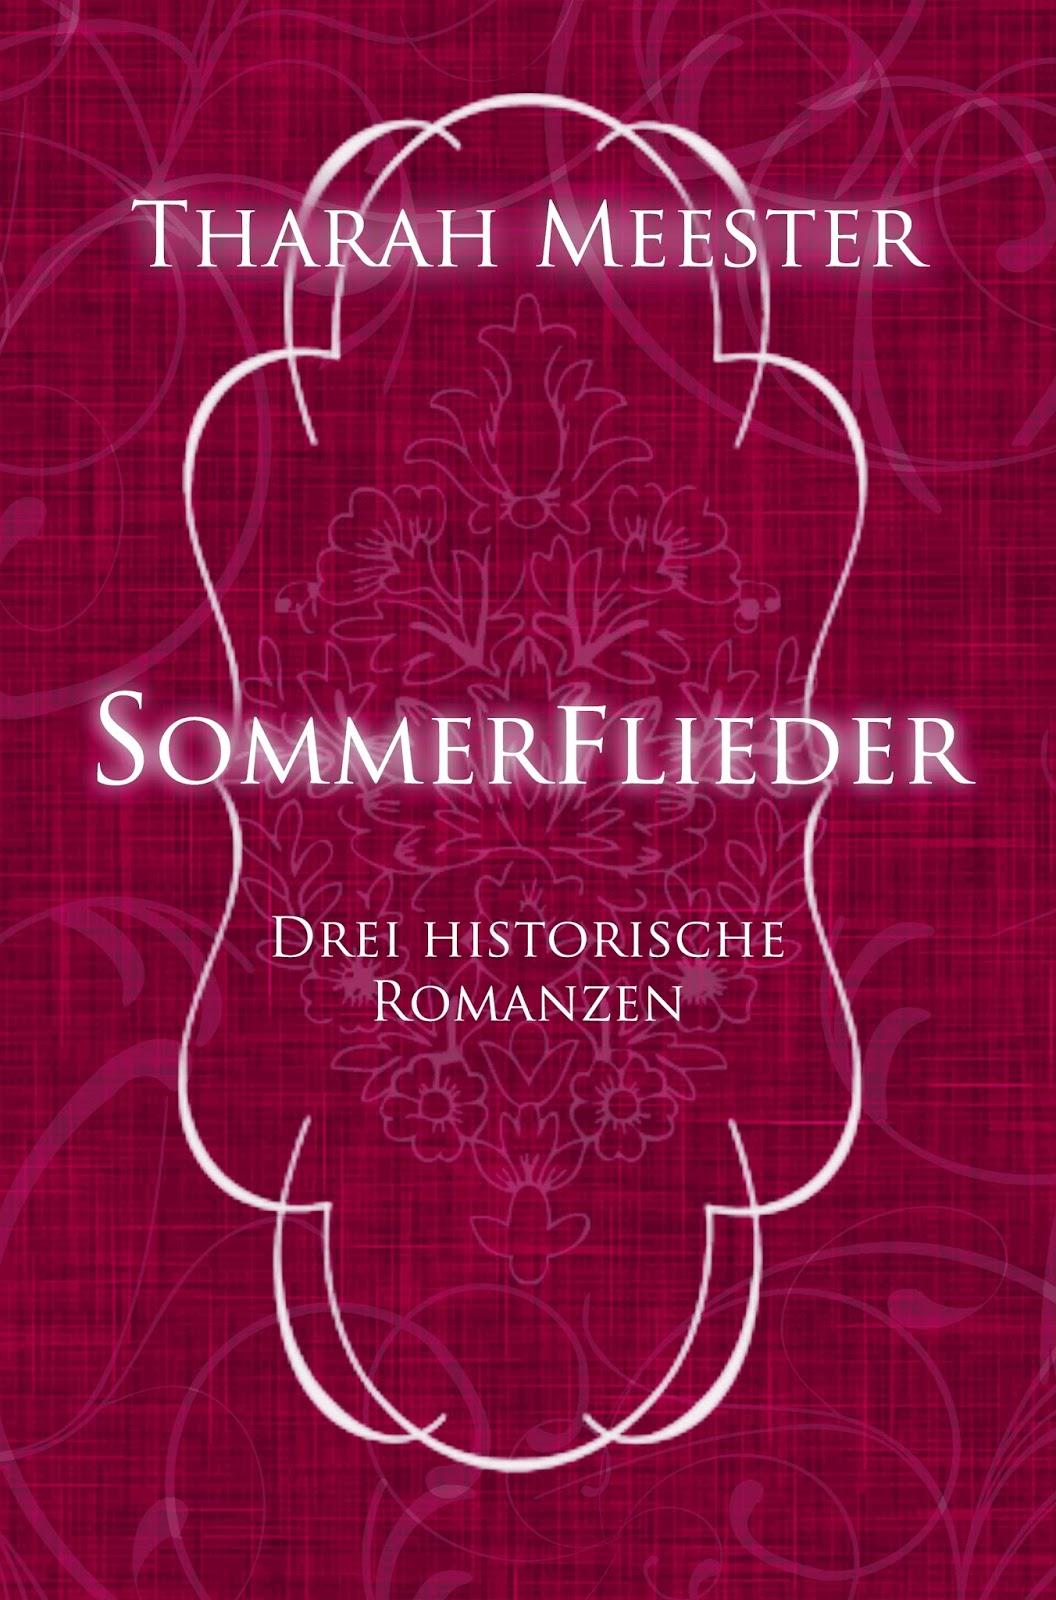 http://www.amazon.de/Sommerflieder-Tharah-Meester/dp/3950386661/ref=sr_1_1?ie=UTF8&qid=1410525728&sr=8-1&keywords=sommerflieder+tharah+meester